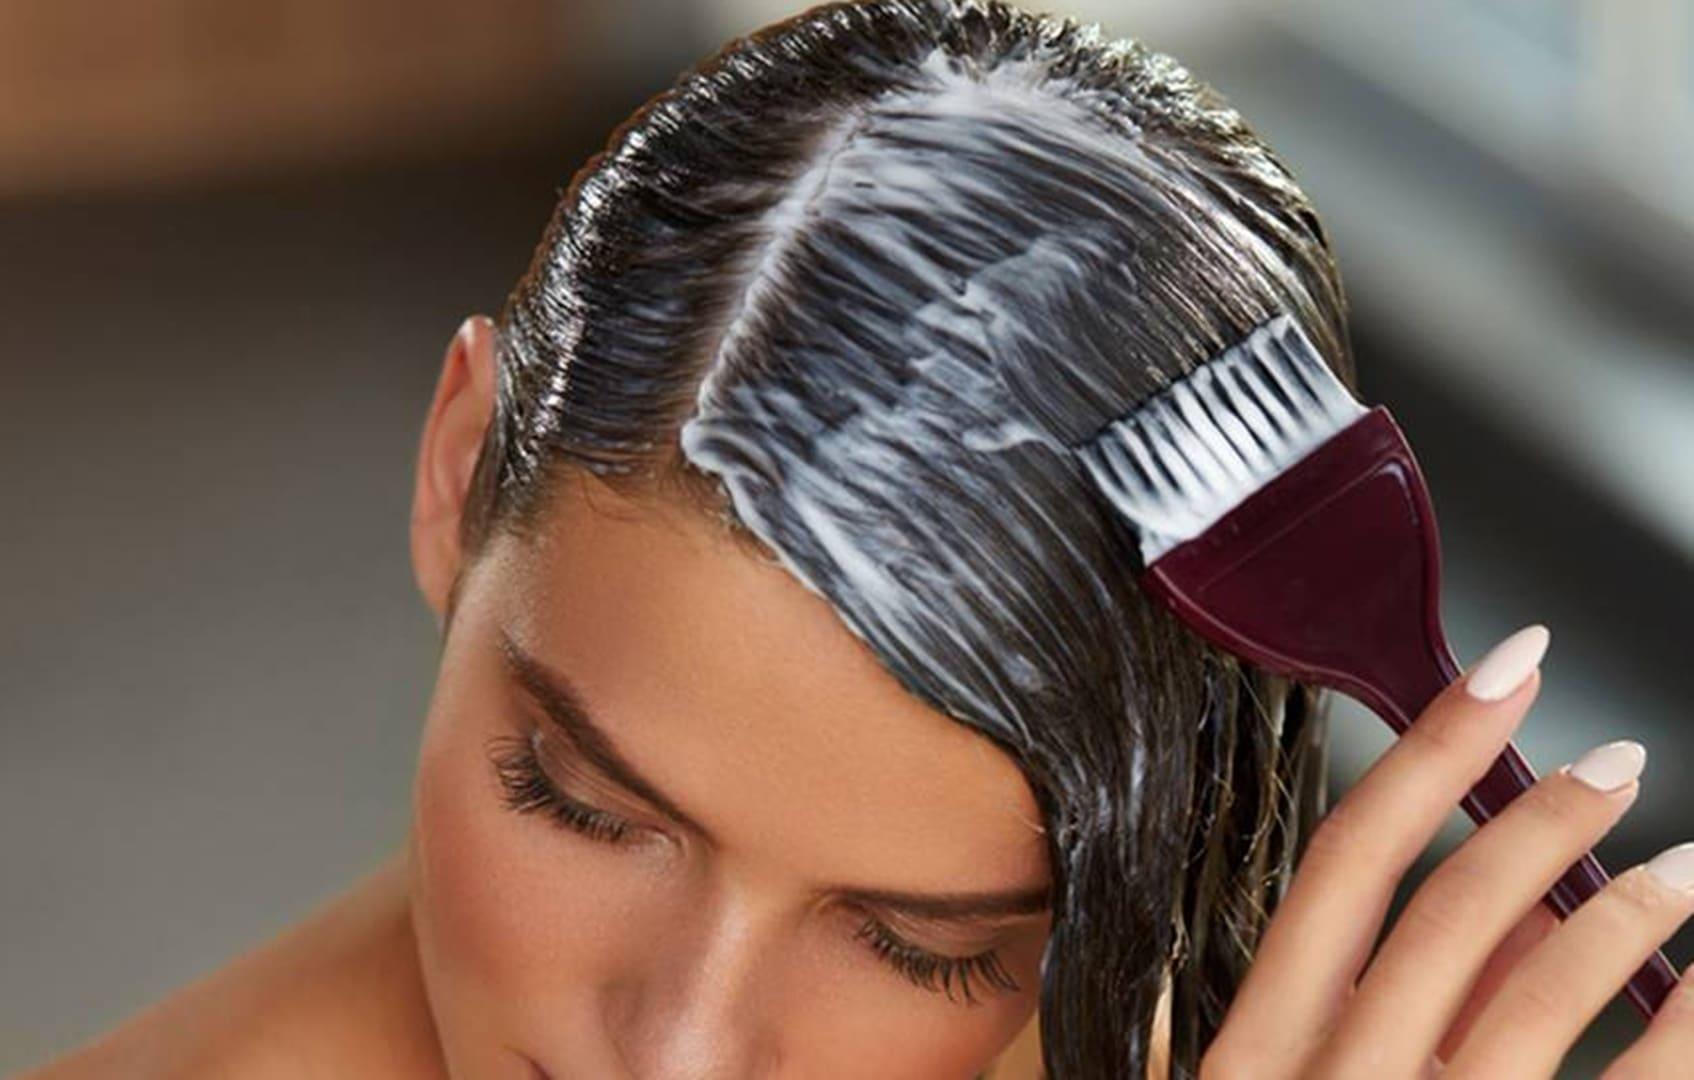 Recupere seu cabelo e tenha mais brilho com este banho de creme